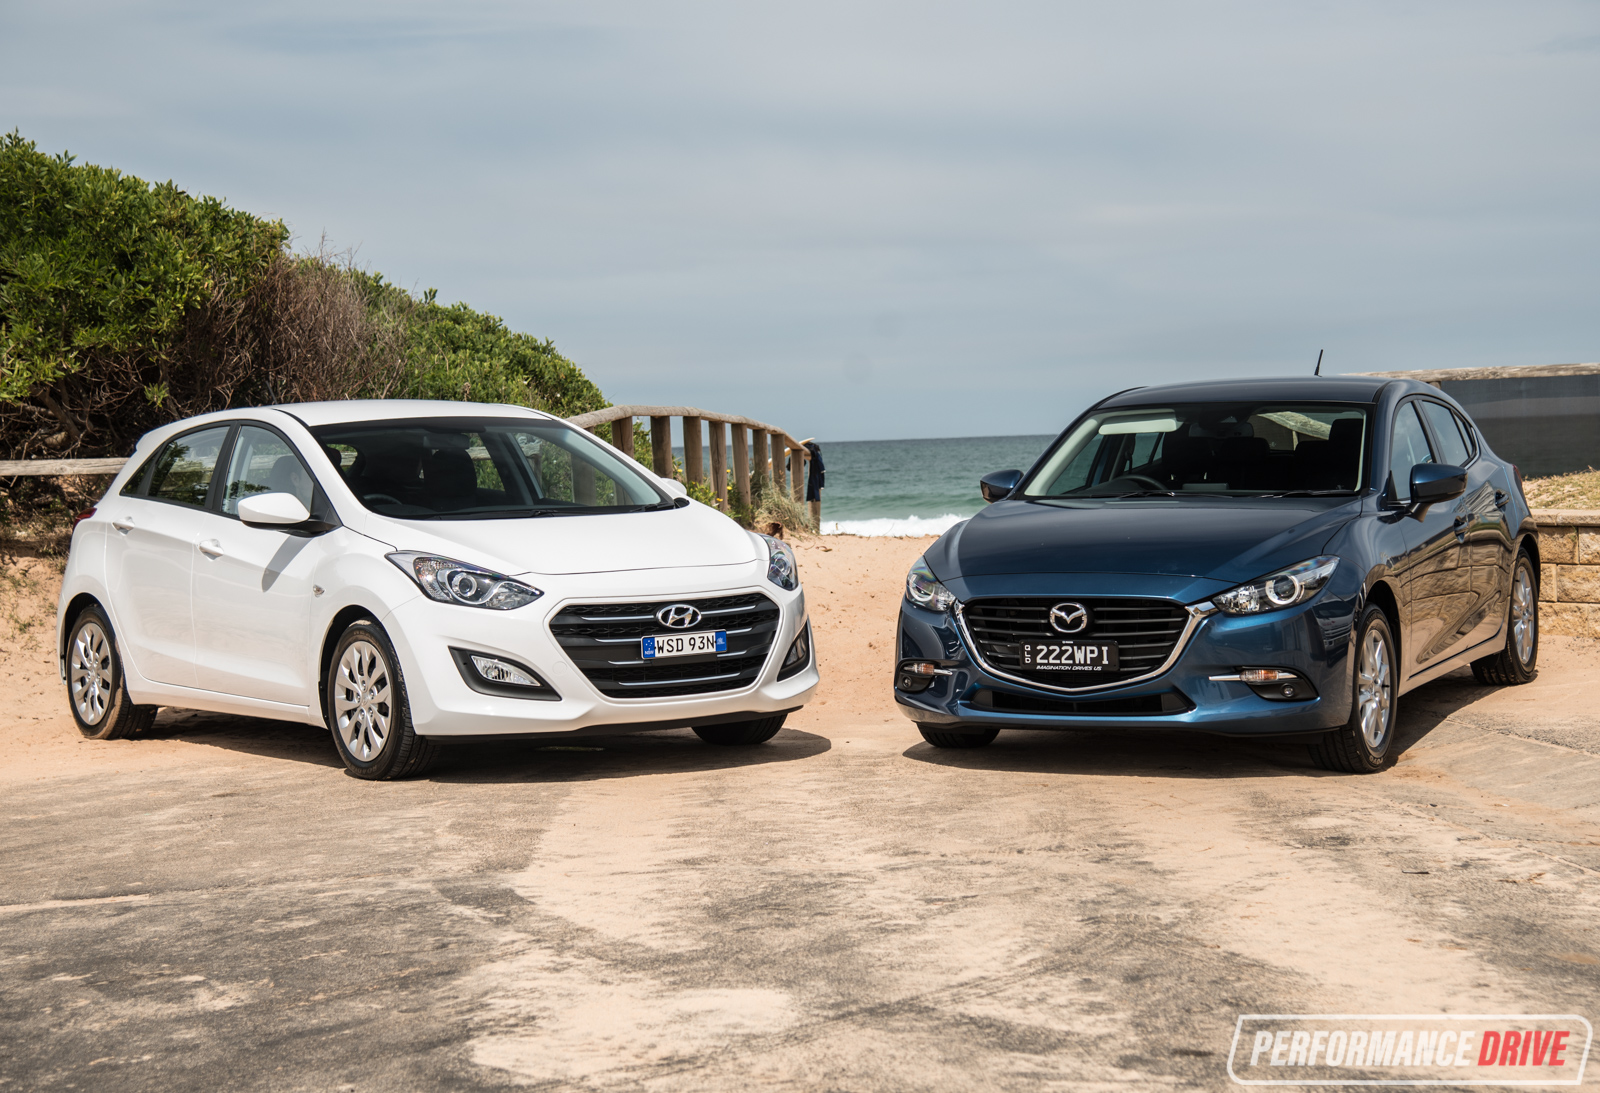 2017 mazda3 vs hyundai i30 small car comparison video rh performancedrive com au Hyundai I30 Interior manual de taller hyundai i30 gratis